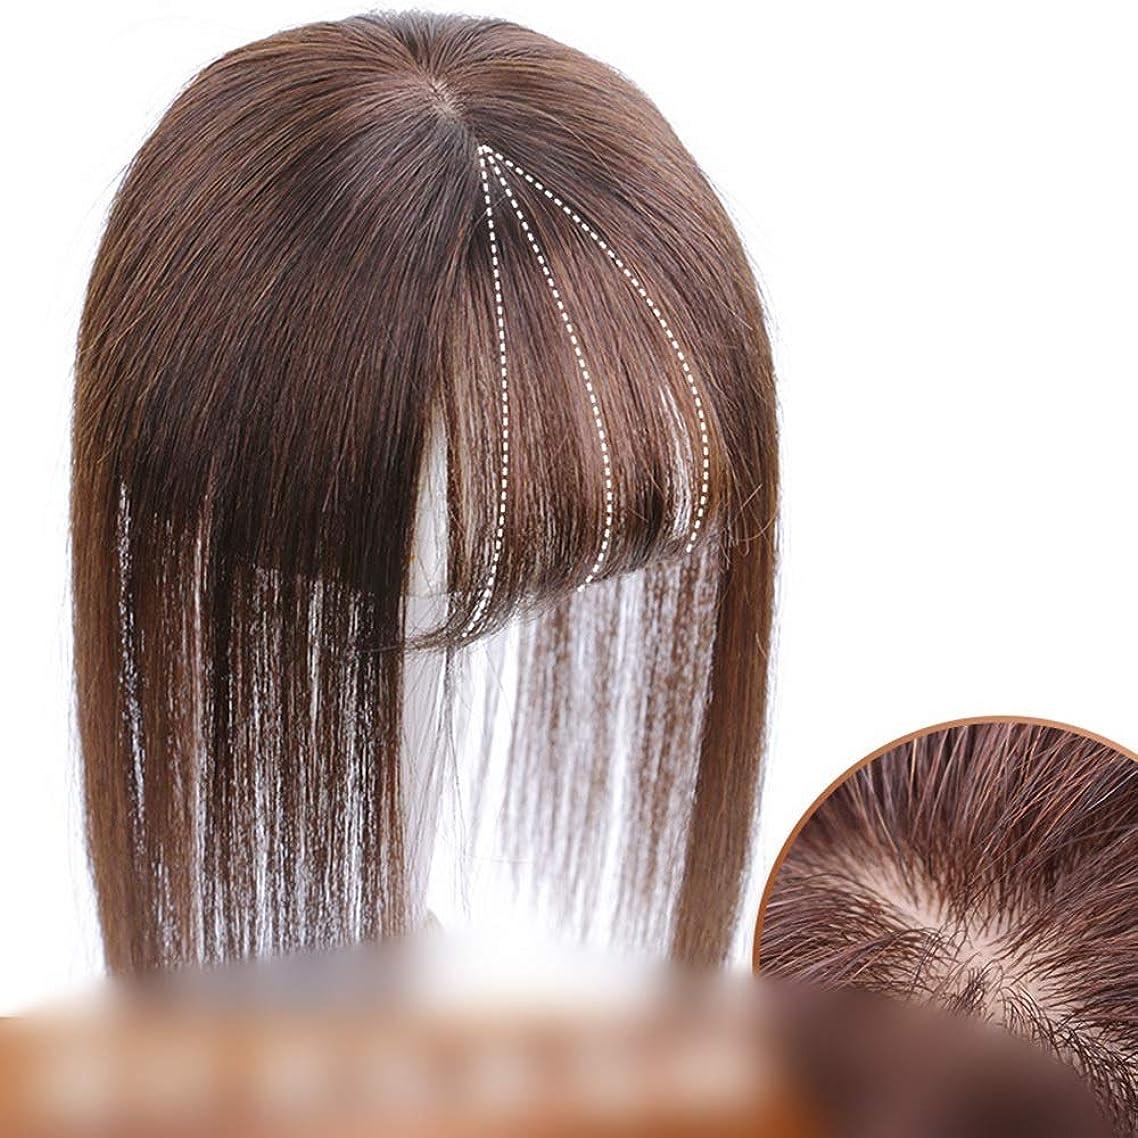 おとこ周波数。BOBIDYEE 空気前髪かつら女性ストレートヘアエクステンション複合ヘアレースかつらロールプレイングかつらロングとショート女性自然 (色 : [9x14] 30cm natural black)